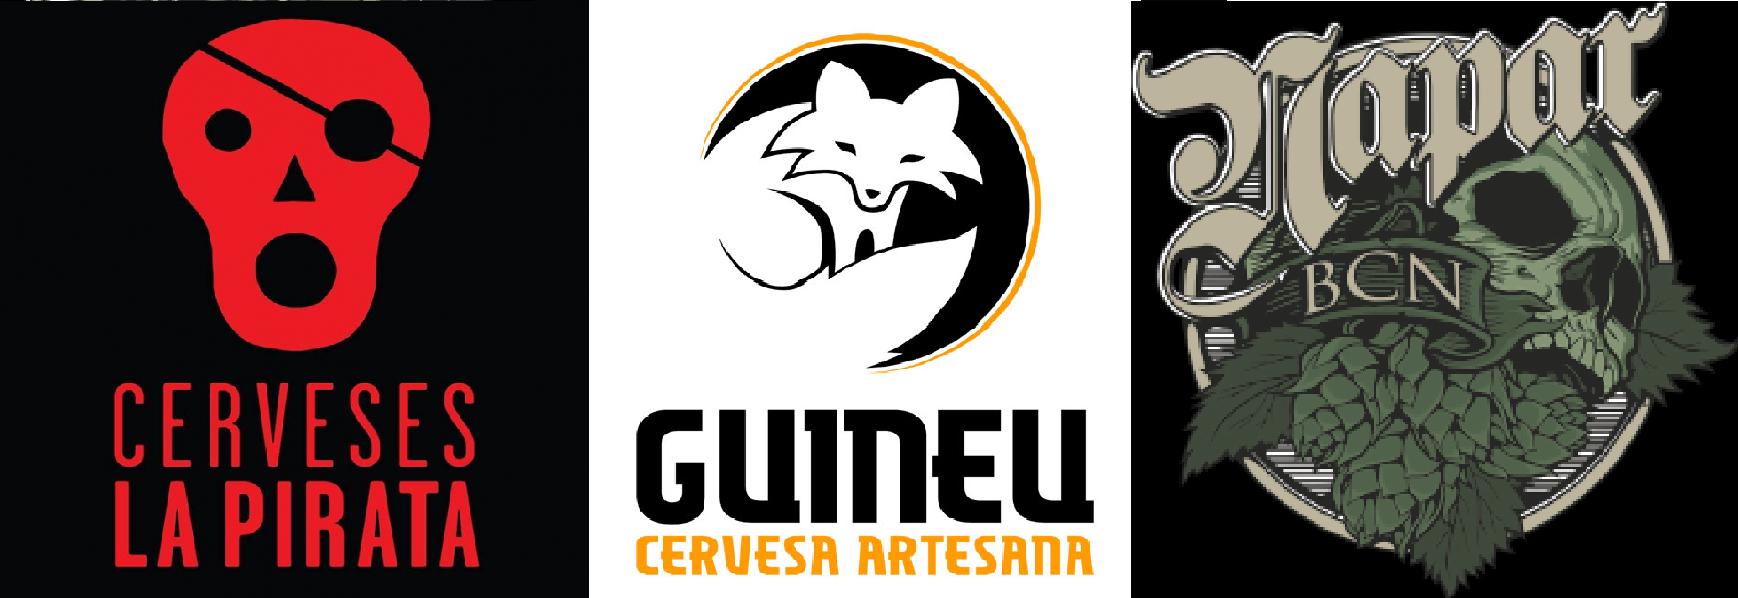 Spanish Craft Beer Brands